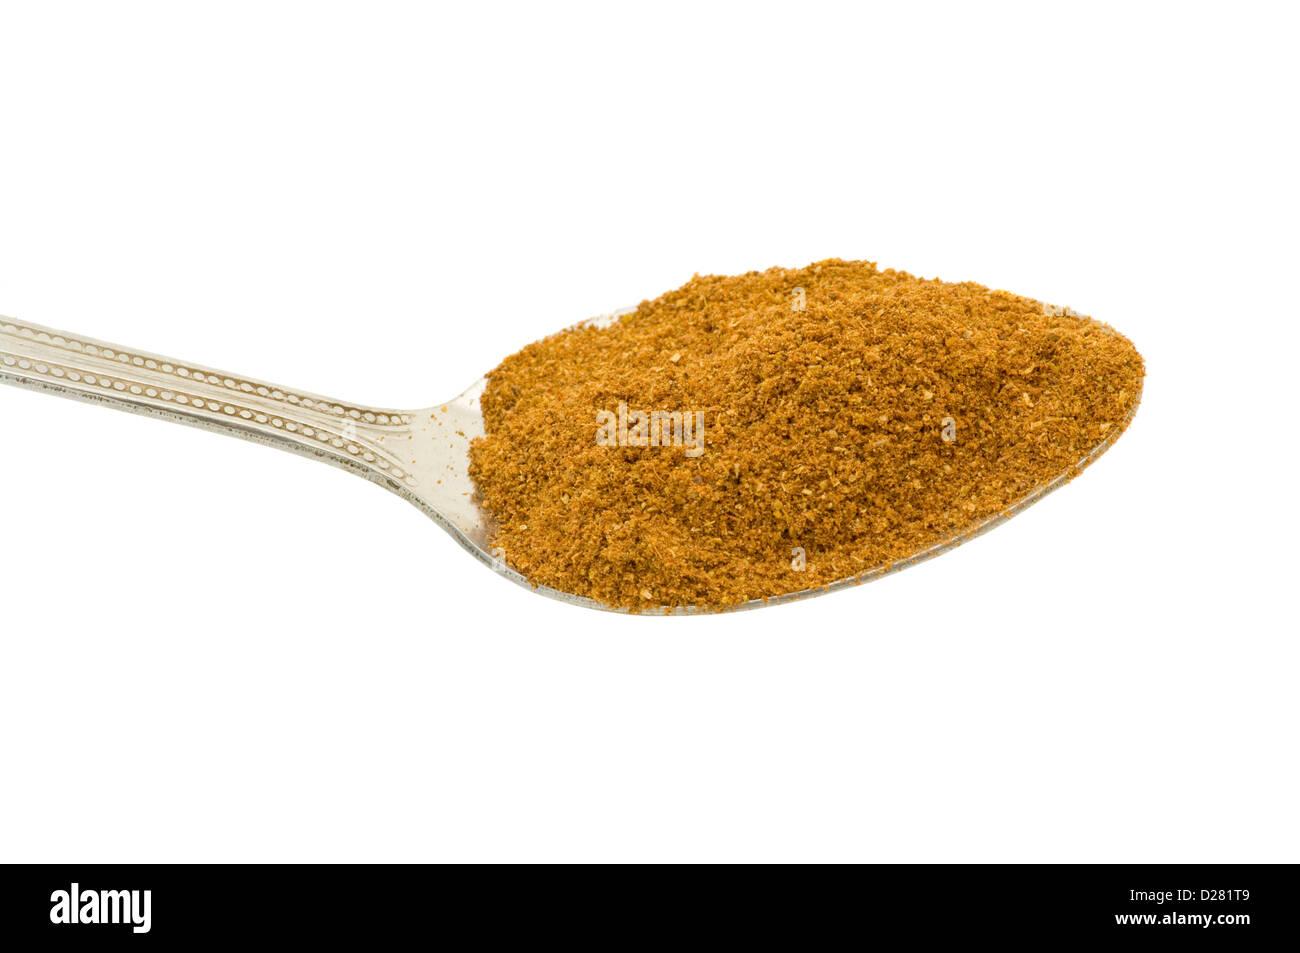 Einen Teelöffel gemischte Boden Spice vor einem weißen Hintergrund Stockbild